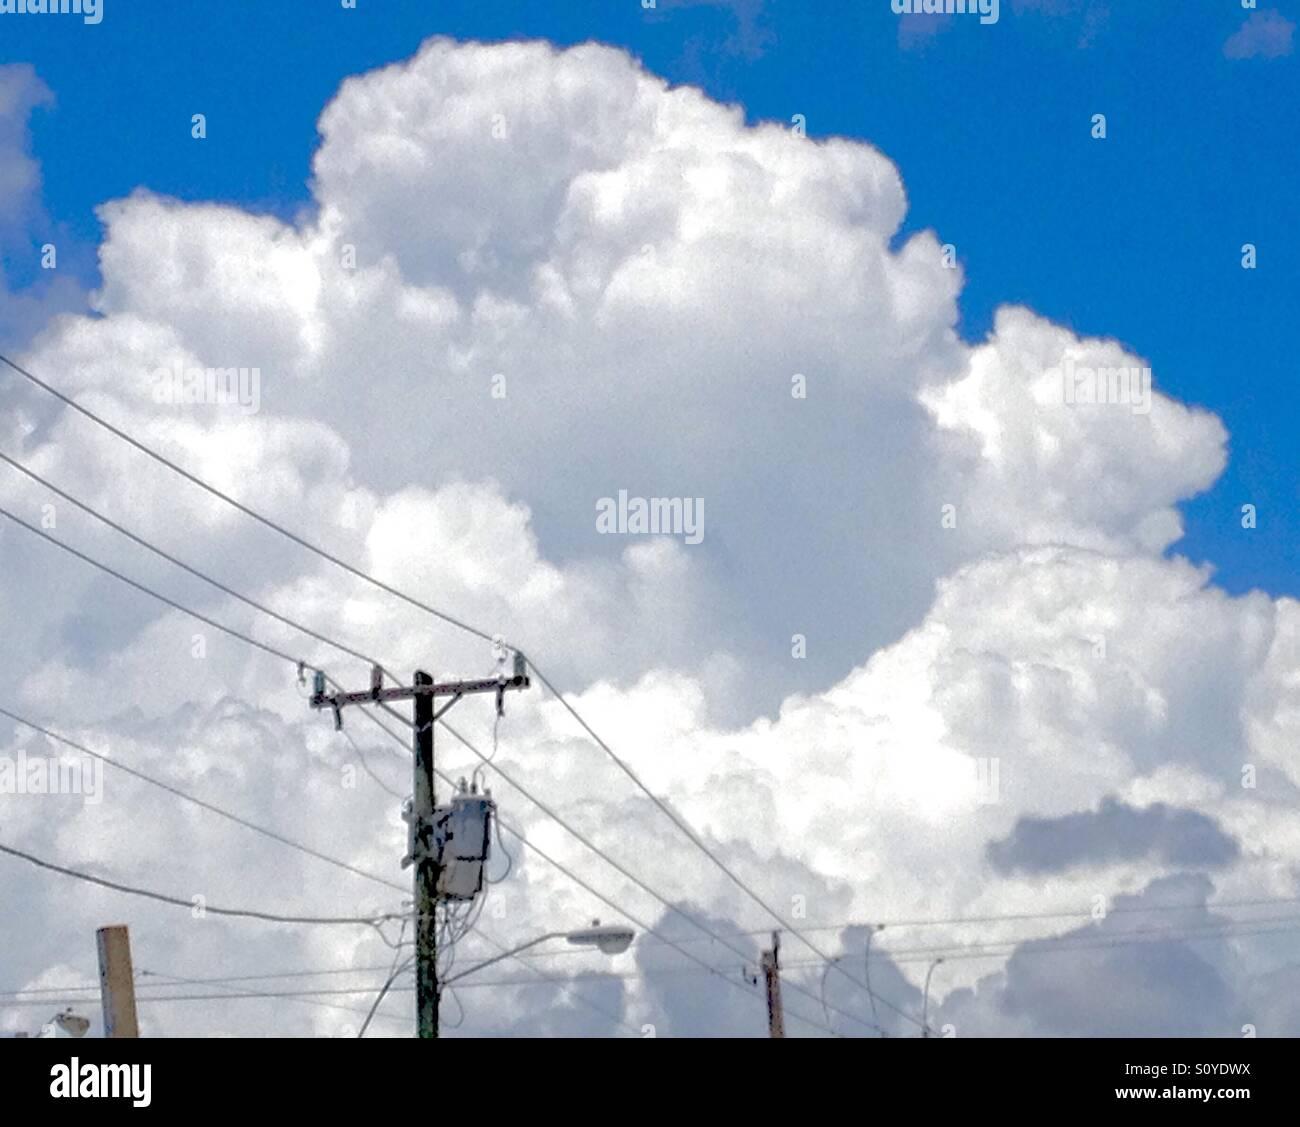 billowy  Billowy clouds Stock Photo: 310390246 - Alamy